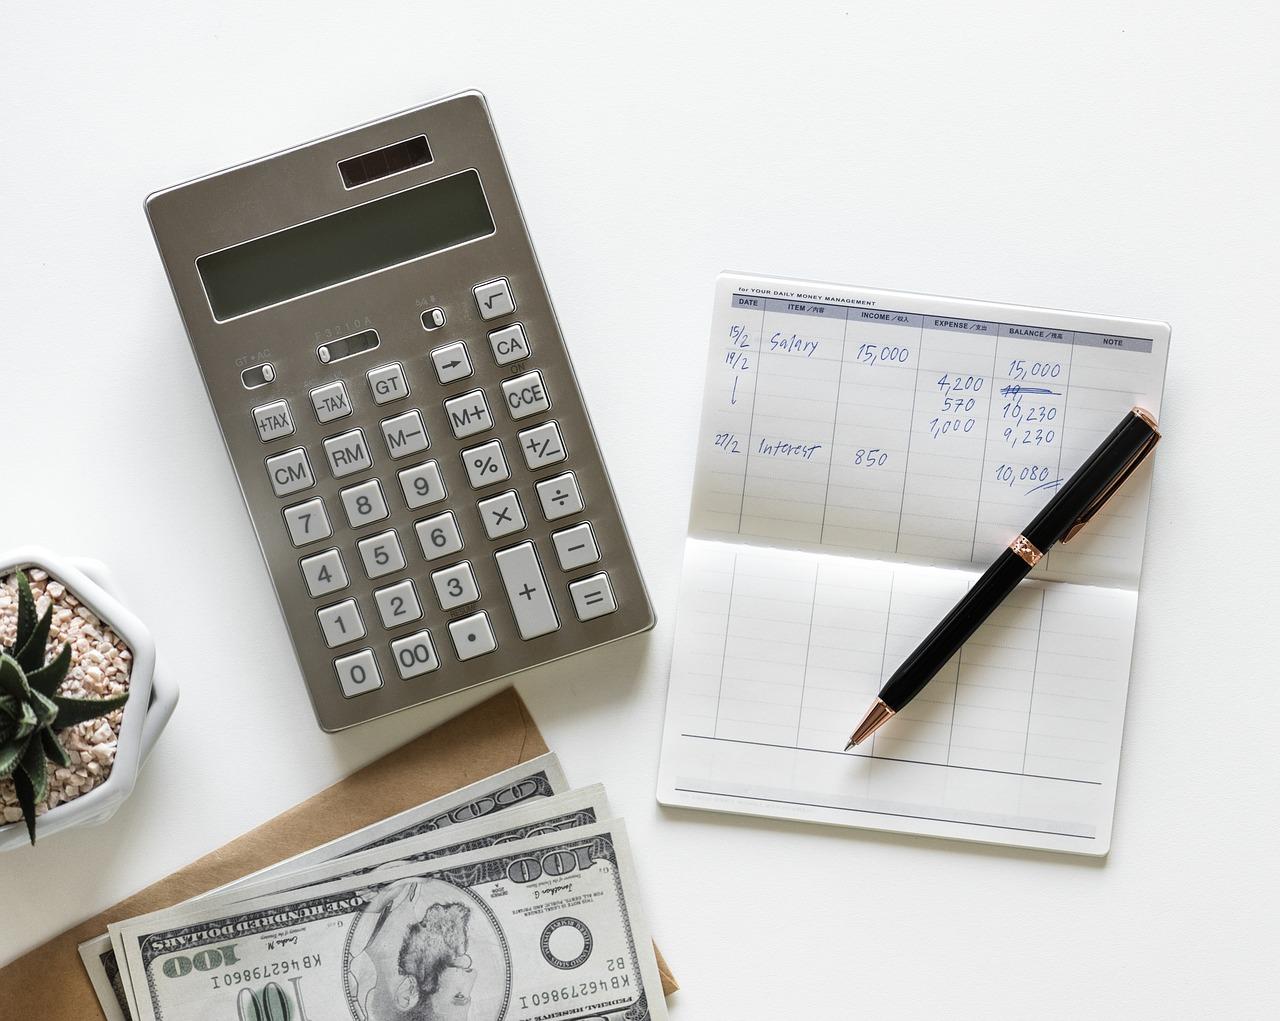 Rechnungsvorlage Kostenlose Vordrucke Und Mustervorlagen Downloaden